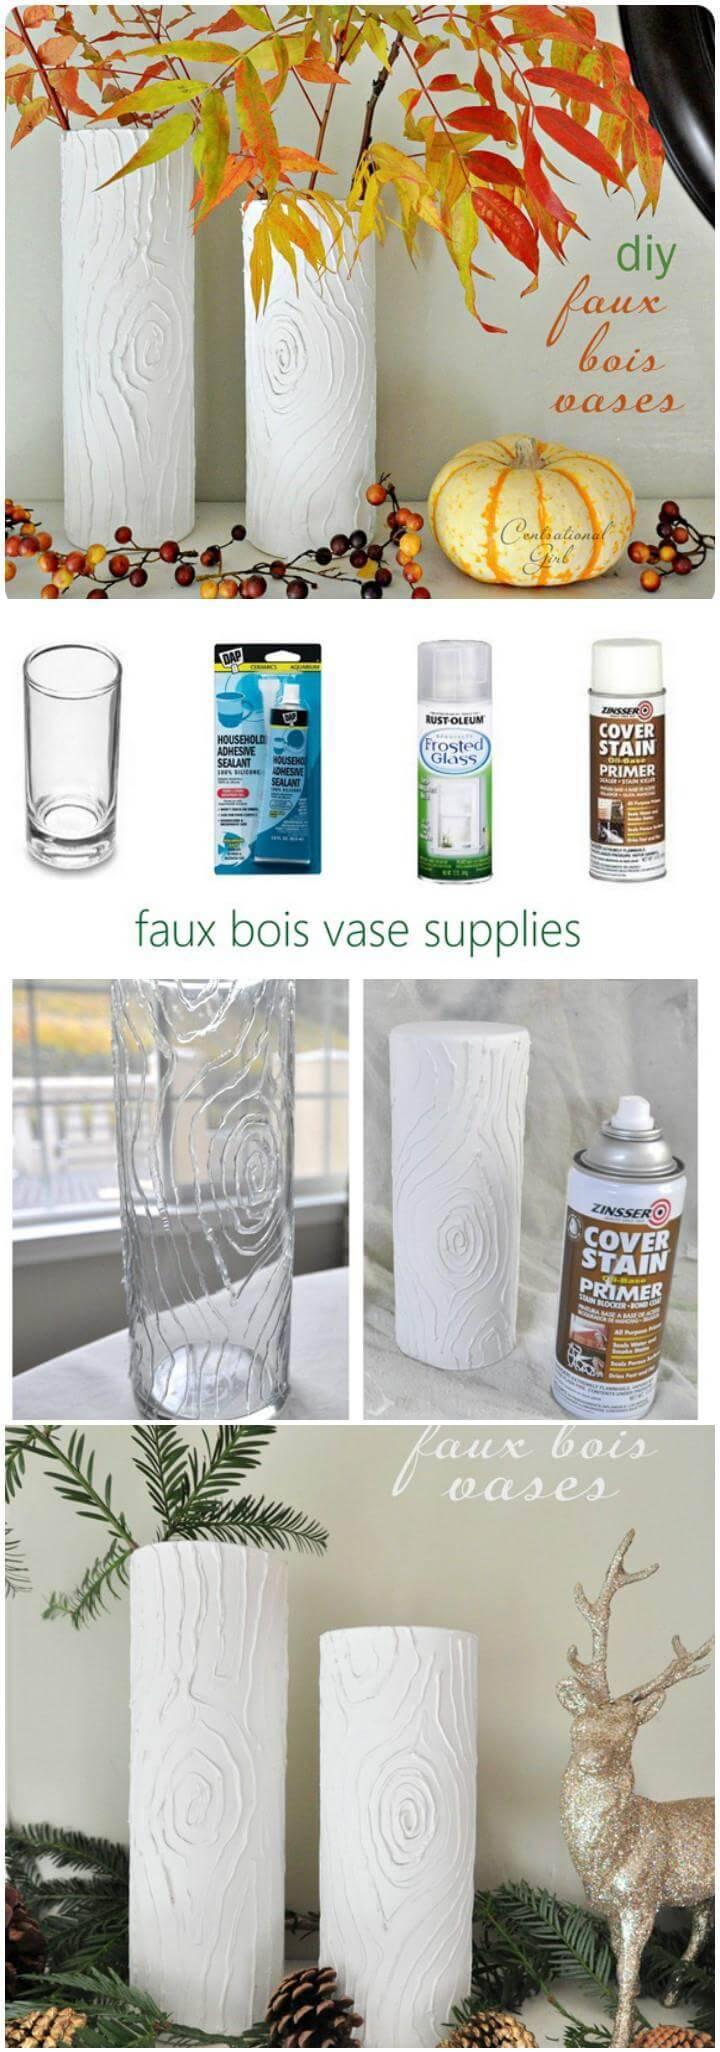 DIY faux boise vases